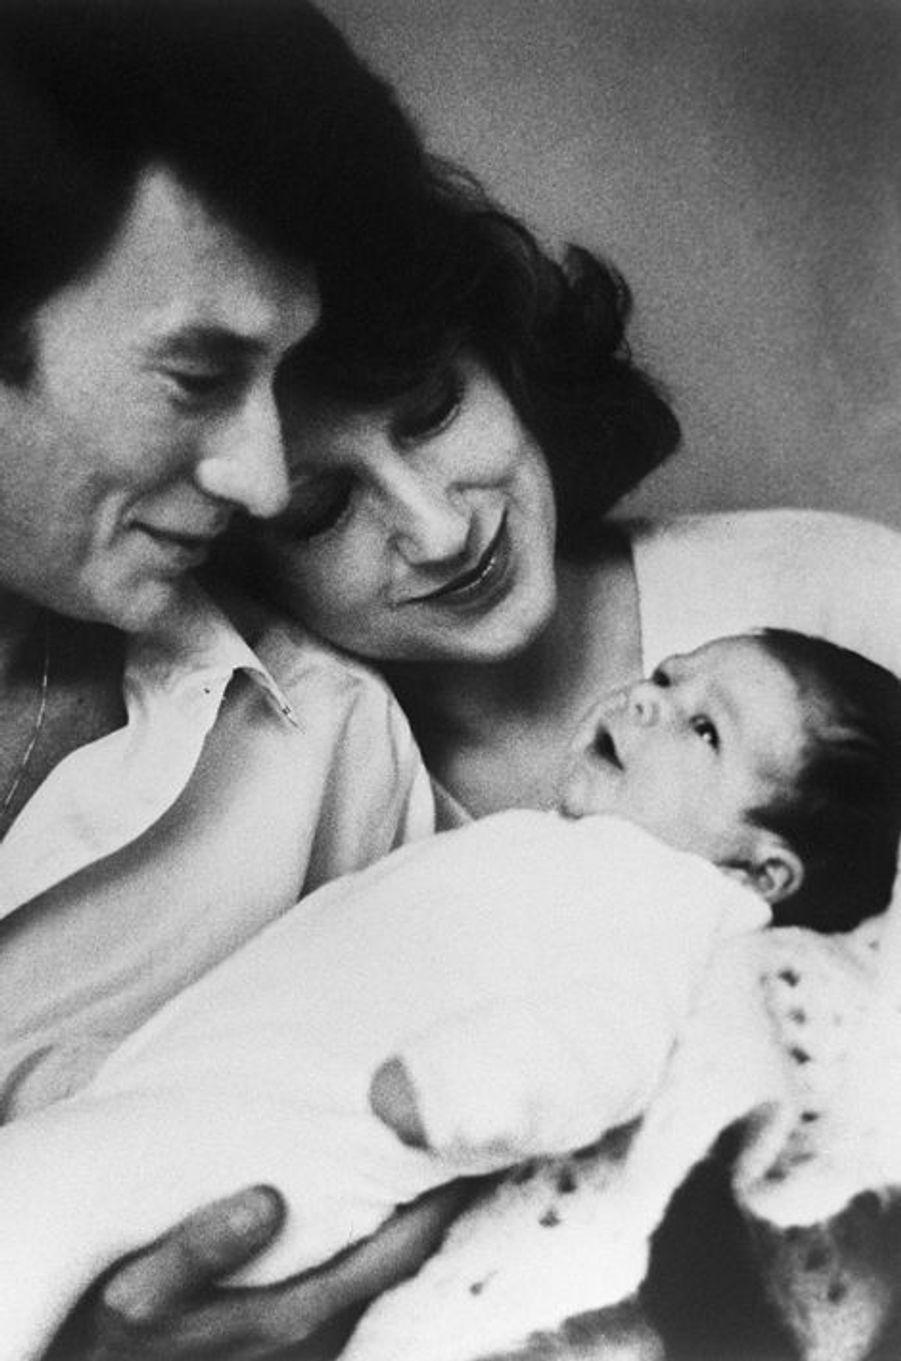 Le chanteur Johnny Hallyday et la comédienne Nathalie Baye contemplent leur petite fille, Laura, née le 15 novembre 1983 à l'hôpital américain...